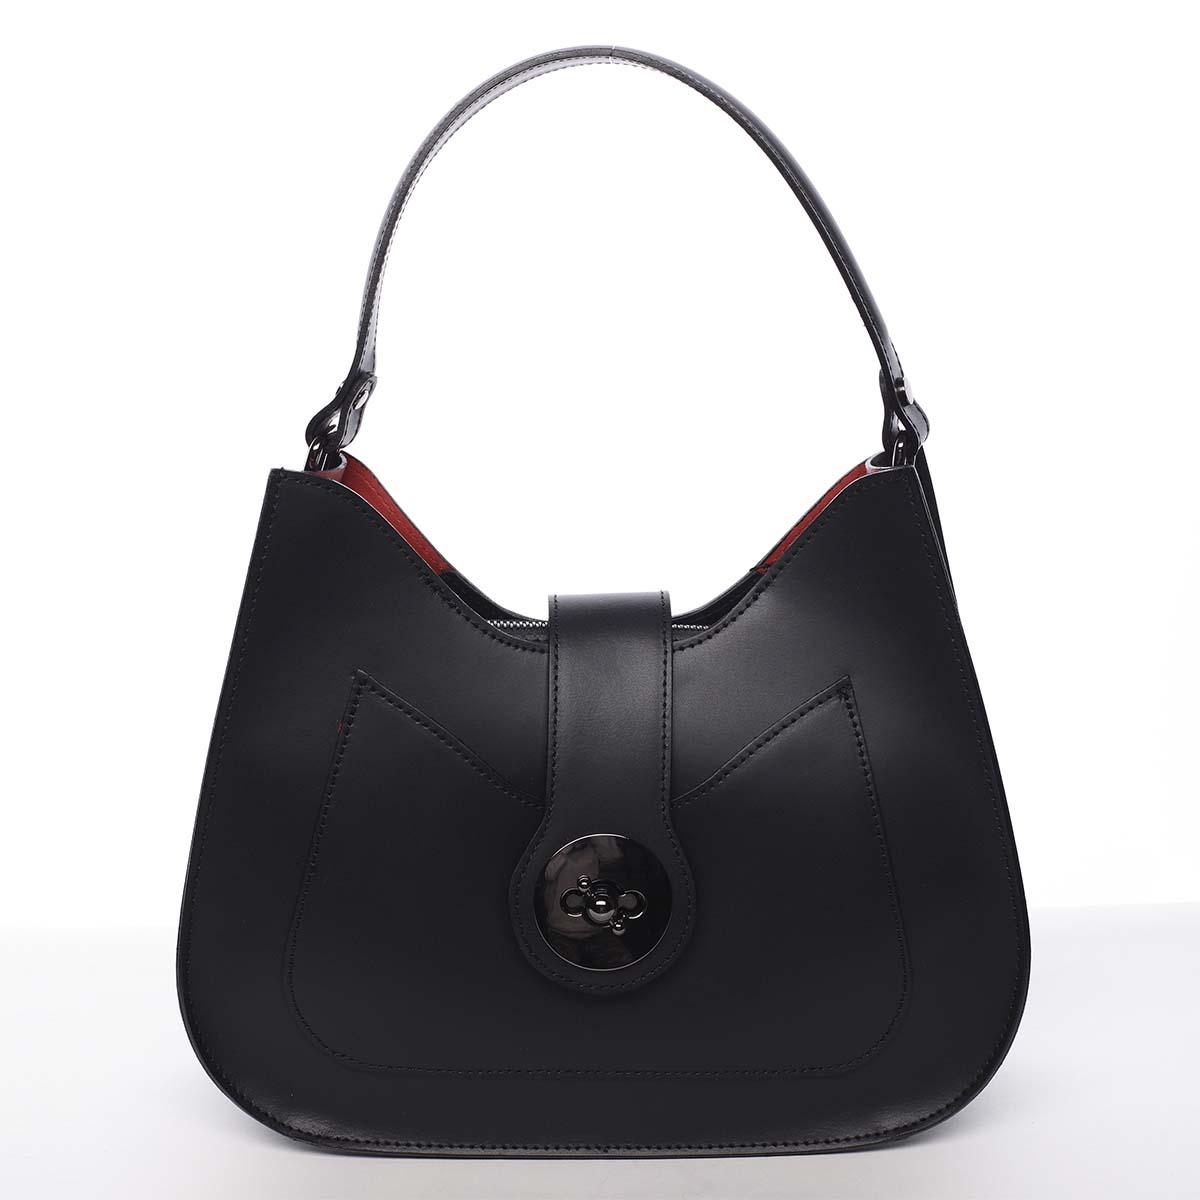 Luxusná dámska kožená kabelka čierna - ItalY Fatima čierna